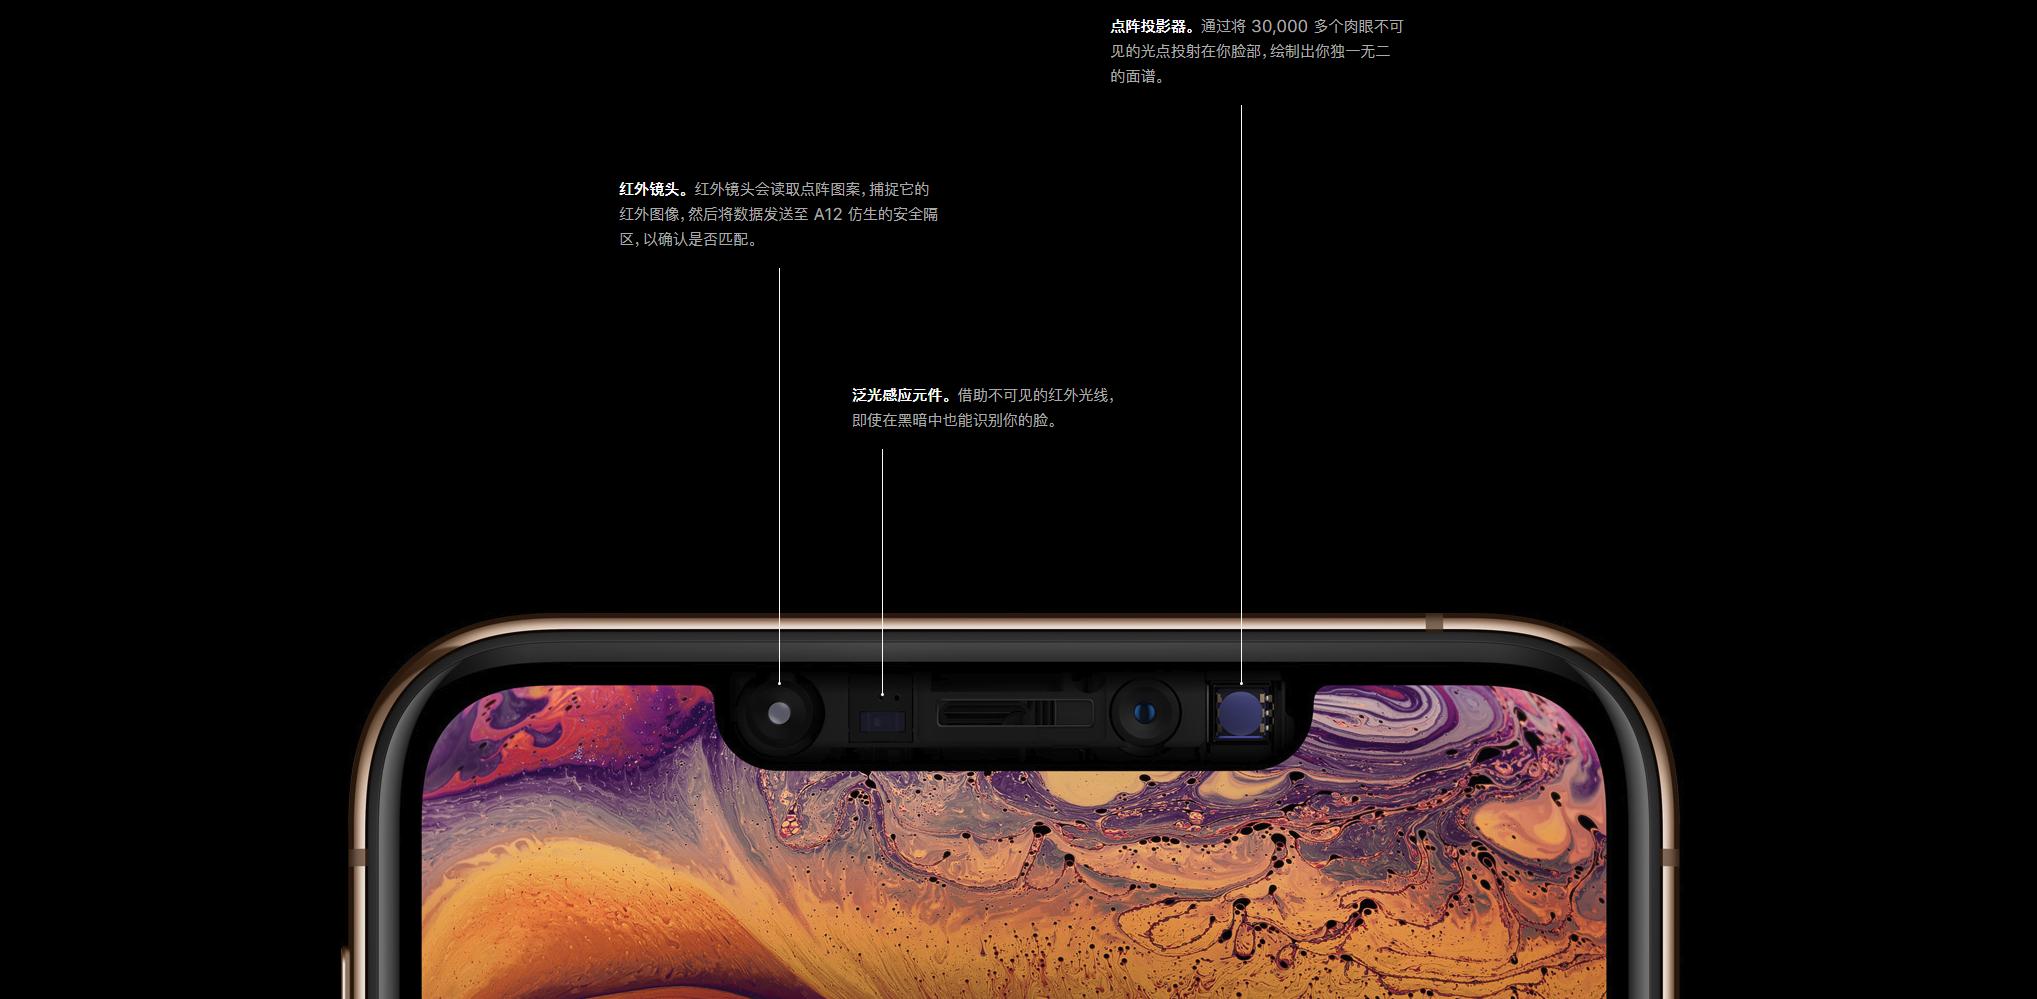 苹果推出中国特色版 iPhone 是怎么回事?发布的可能性大吗?